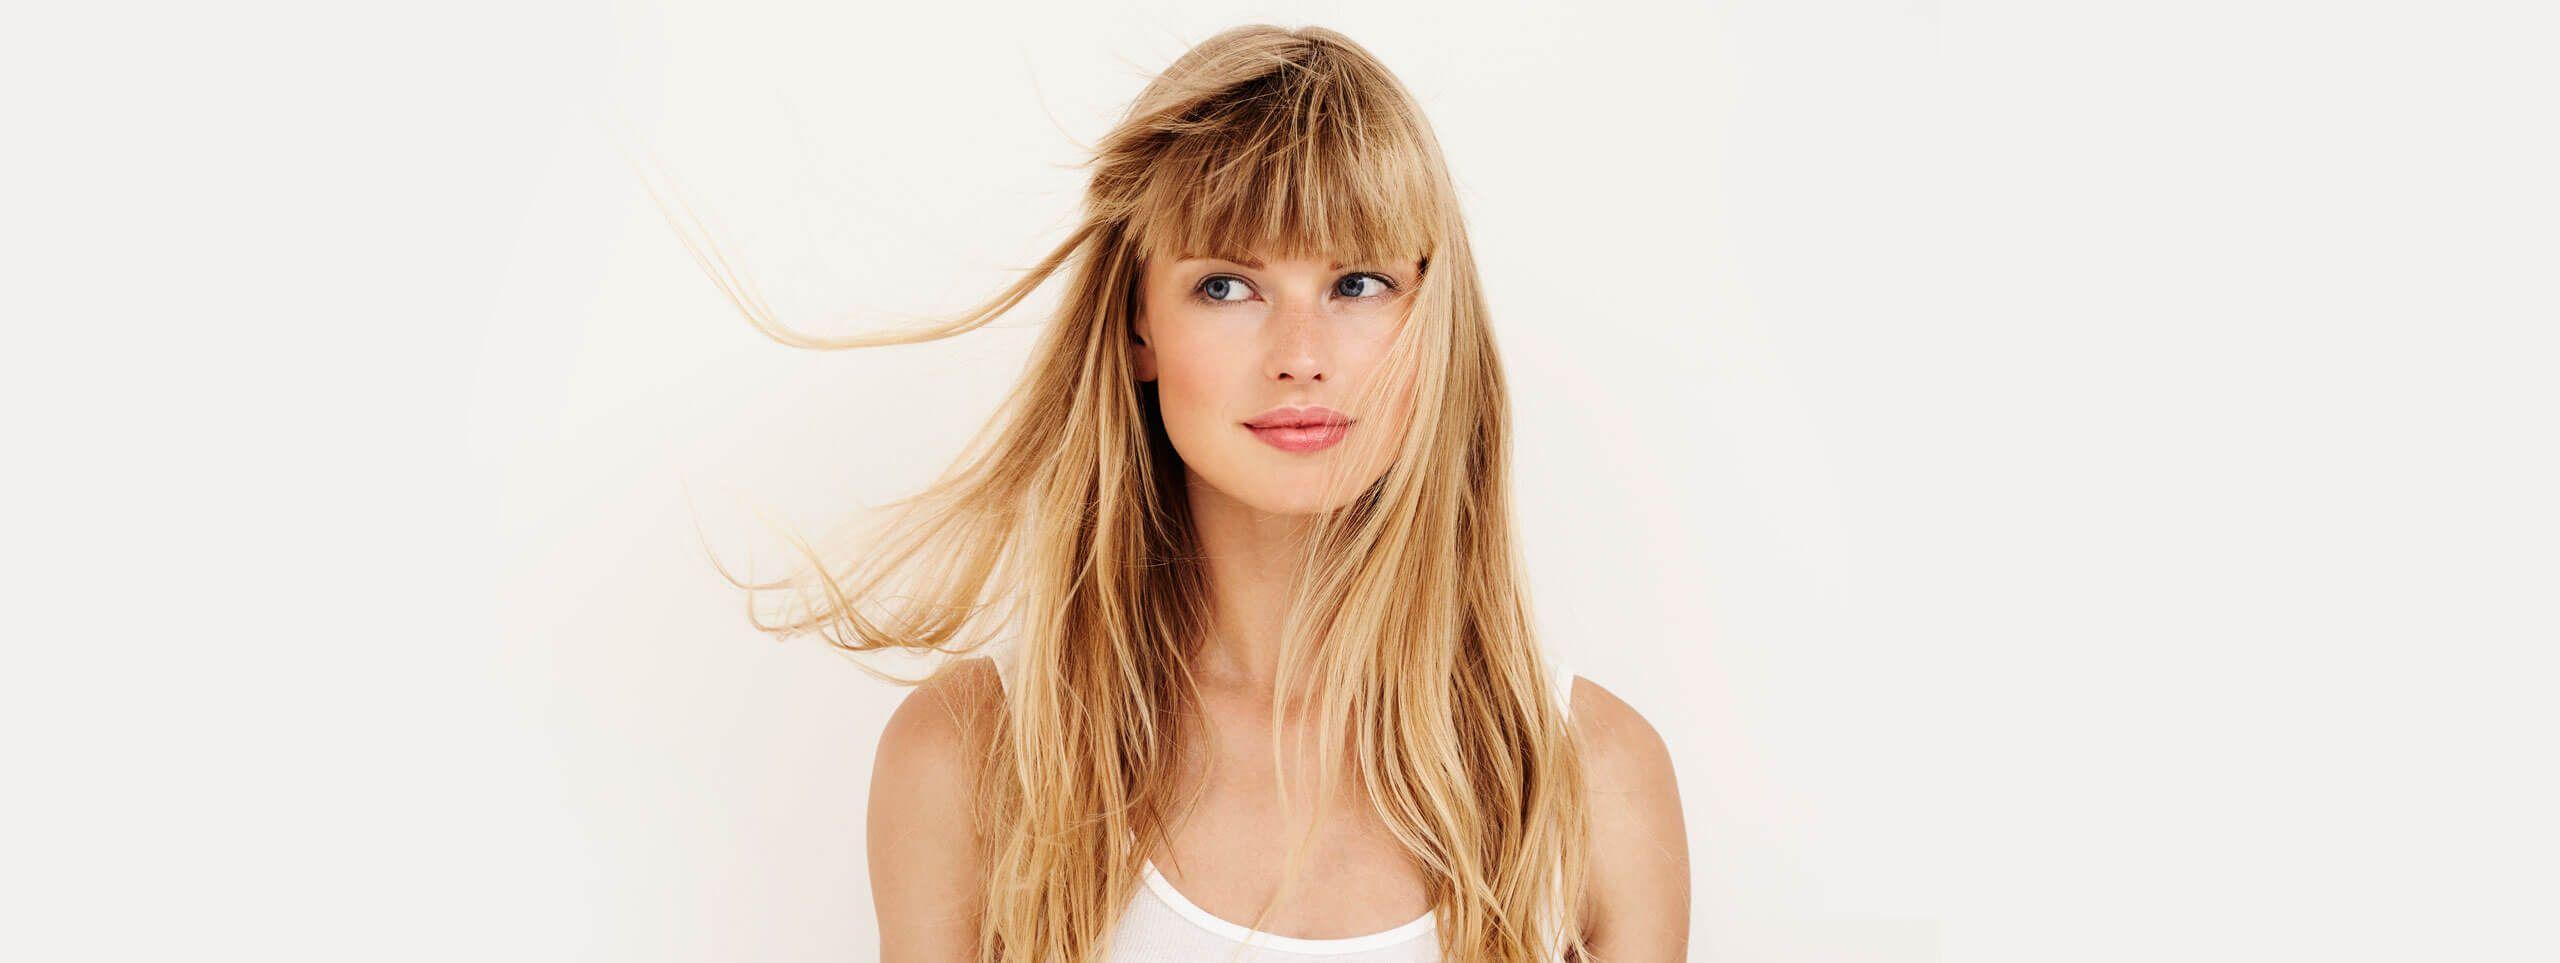 Kobieta z długimi blond włosami i grzywką